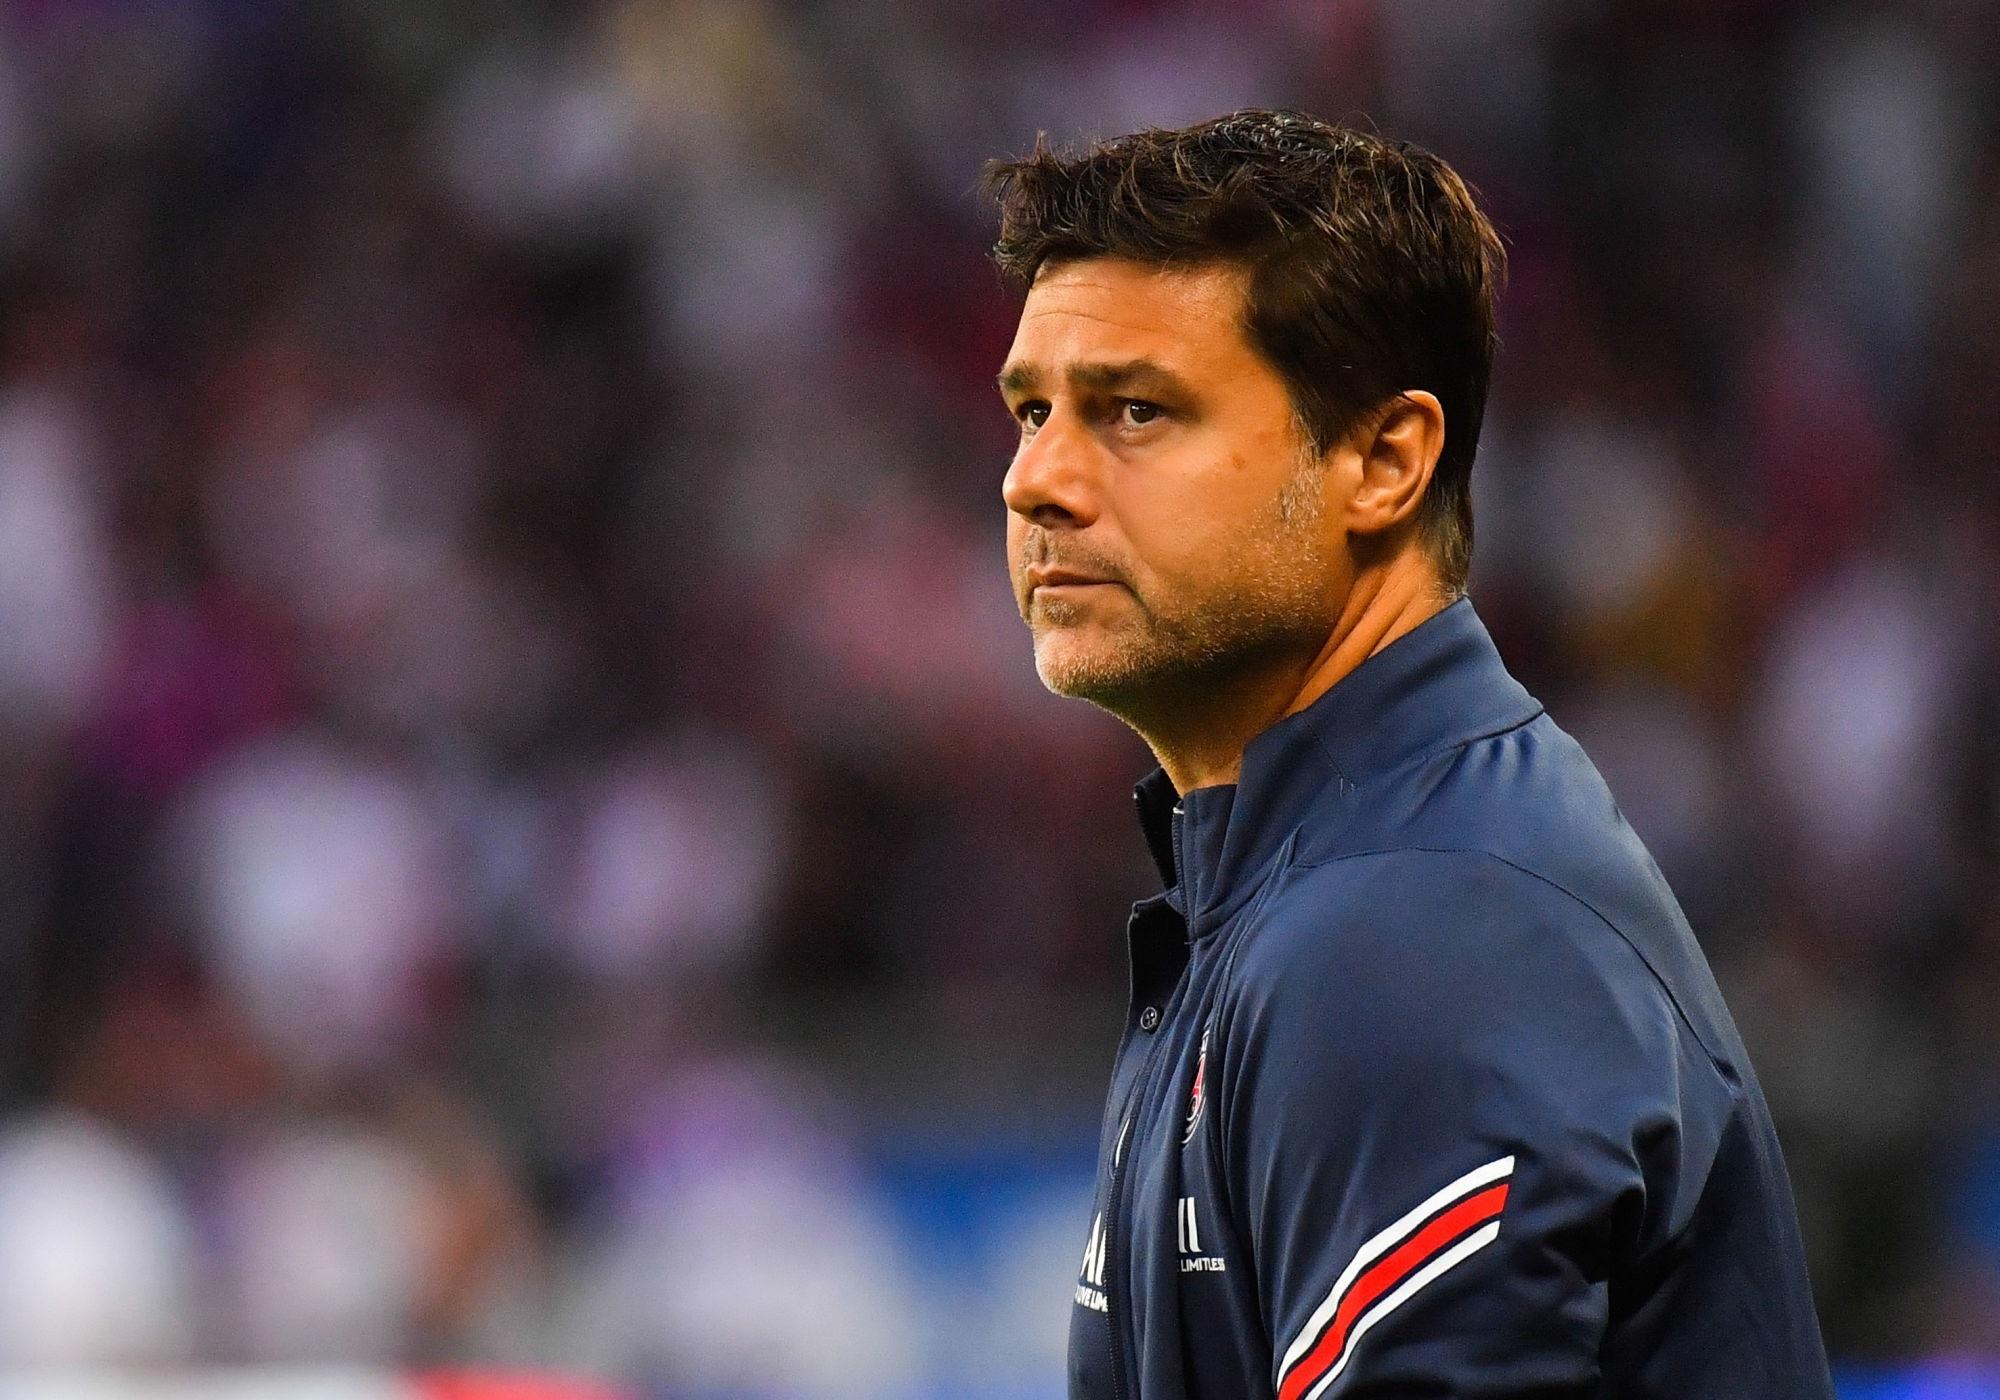 Le débat PSG de la semaine : quelle équipe-type cette saison ?